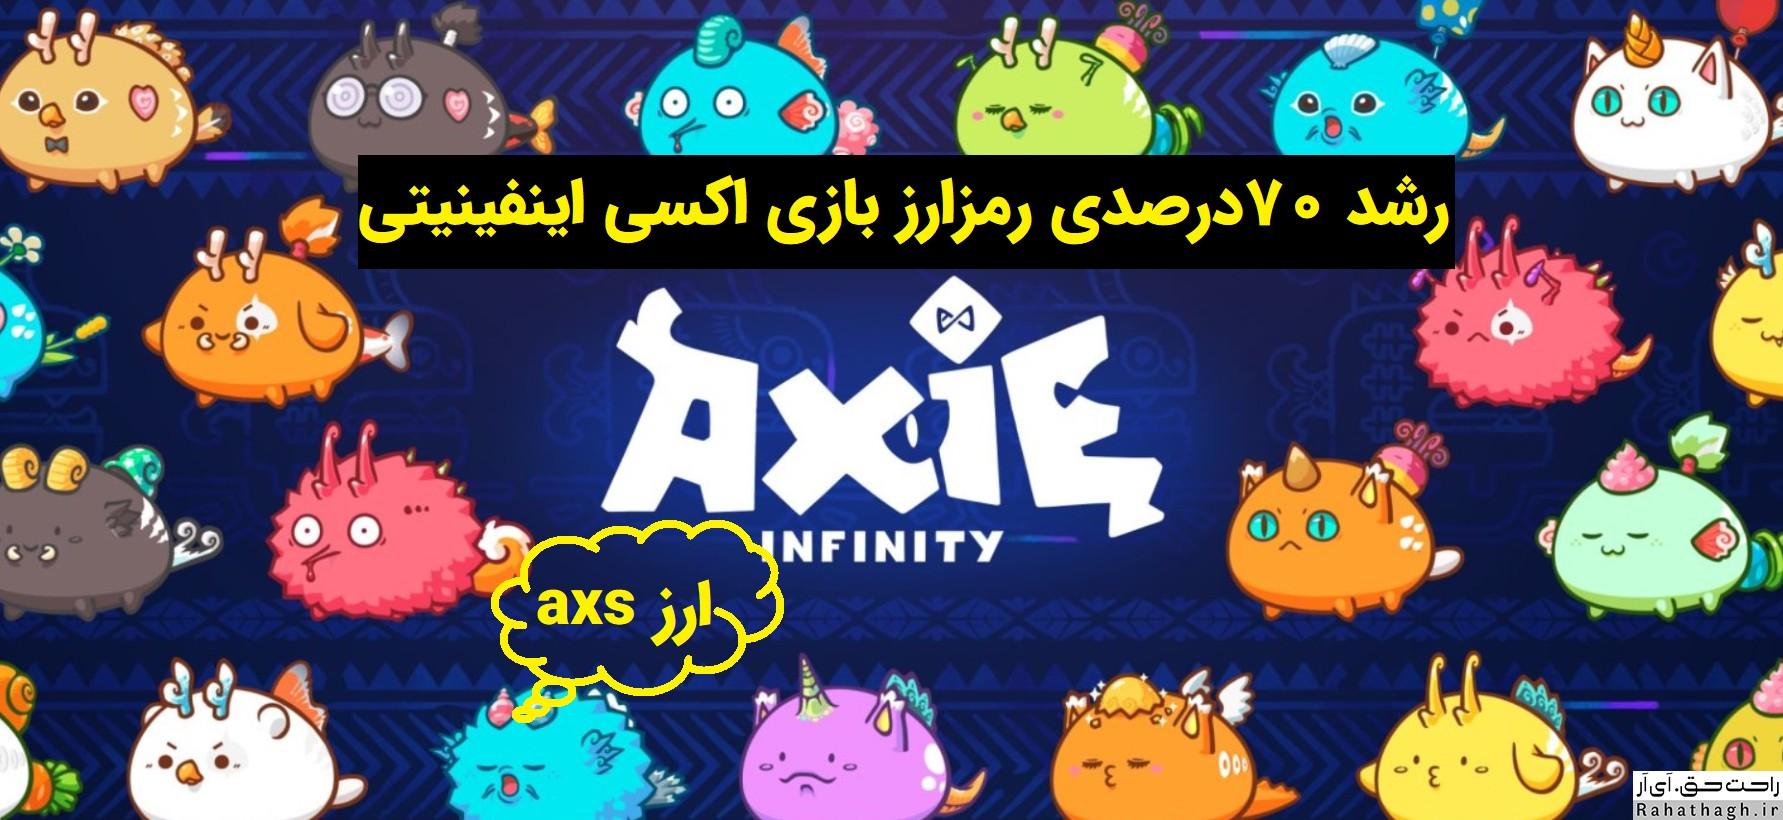 Axie-Infinity-راحت-حق.jpg (1783×820)